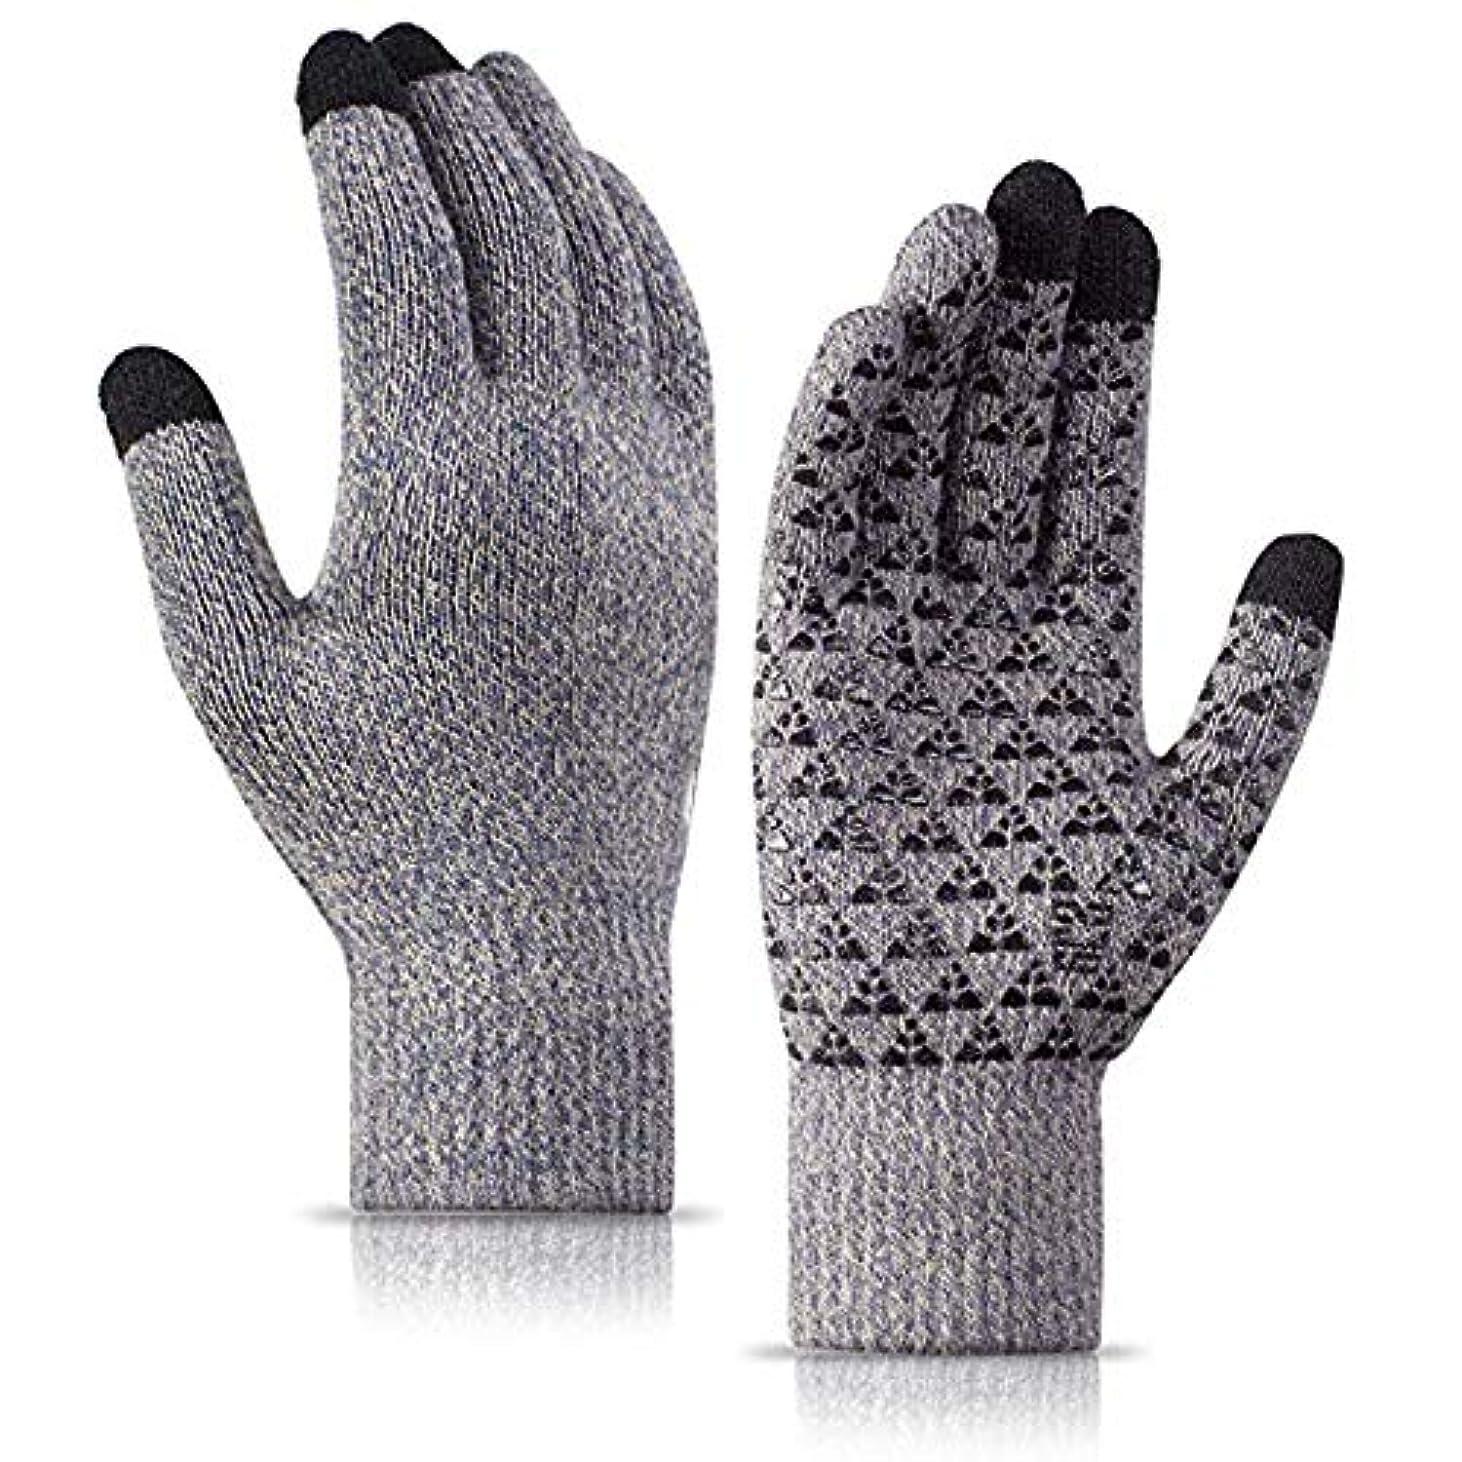 マージ落とし穴製油所男性と女性のための冬の手袋 - ニットタッチスクリーンアンチスリップシリコーンゲル - 弾性カフ - サーマルソフトウールライニング - 伸縮性のある素材,グレー